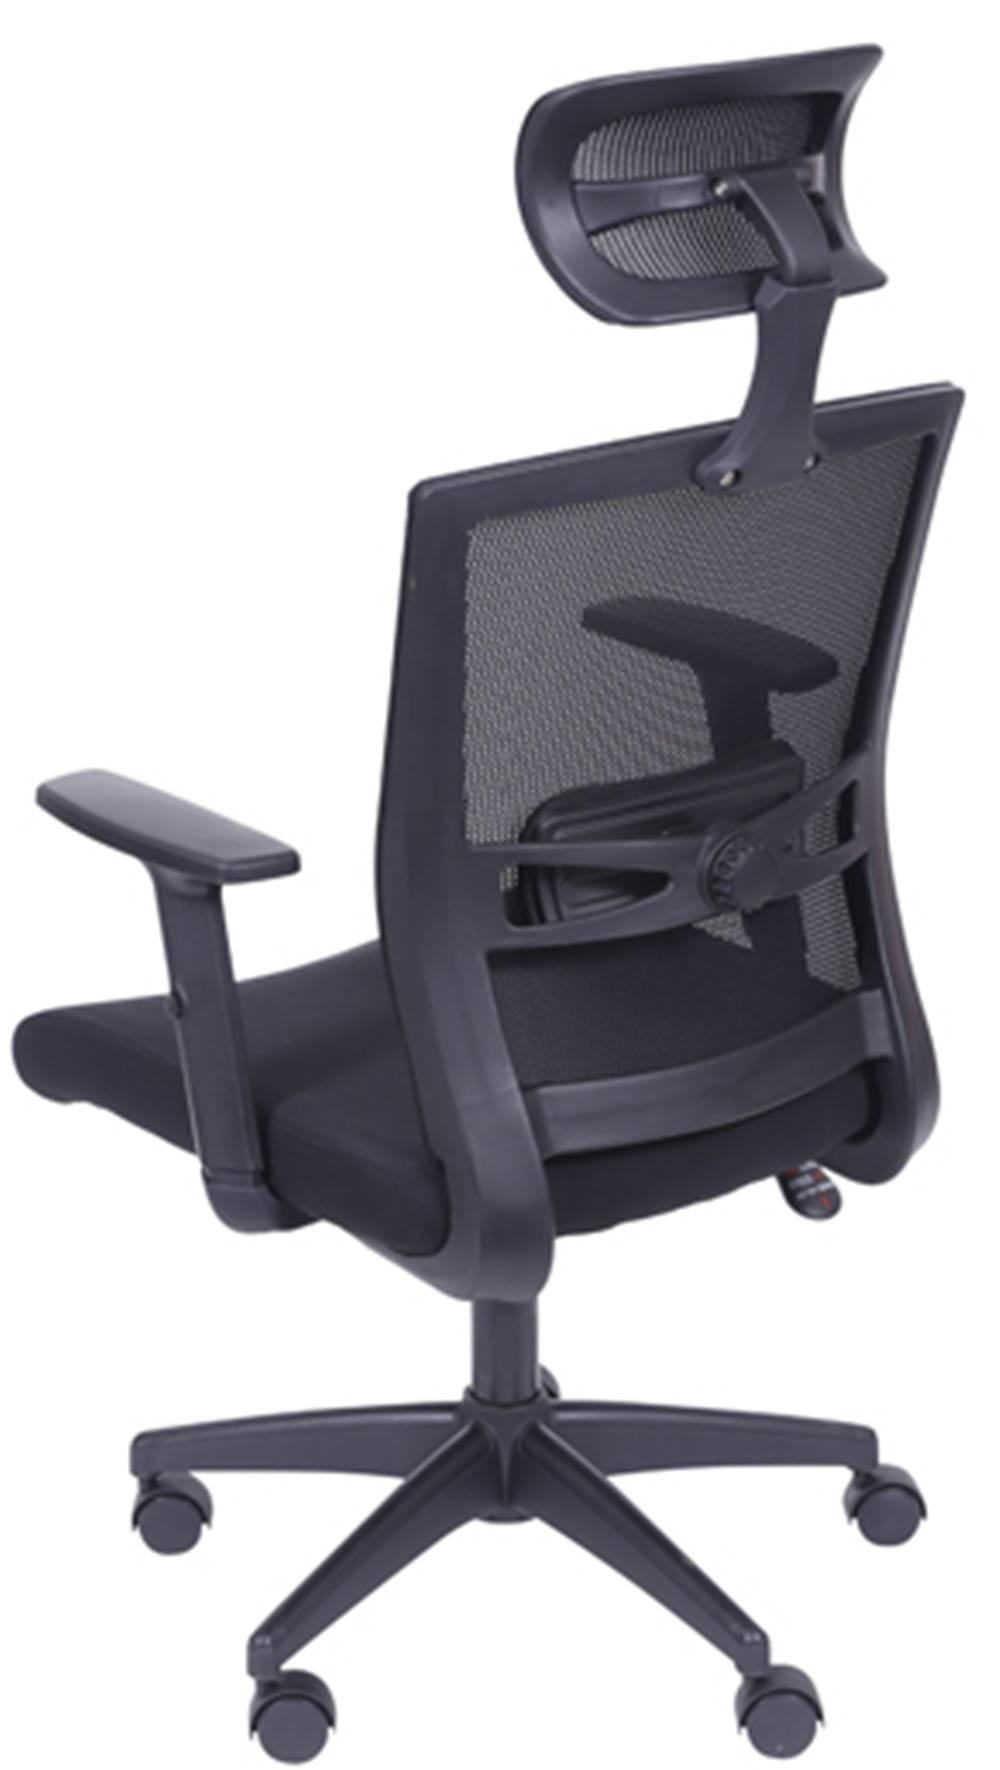 Cadeira Office Regulavel Tela com Tecido Mesh Preta Base Nylon - 39218